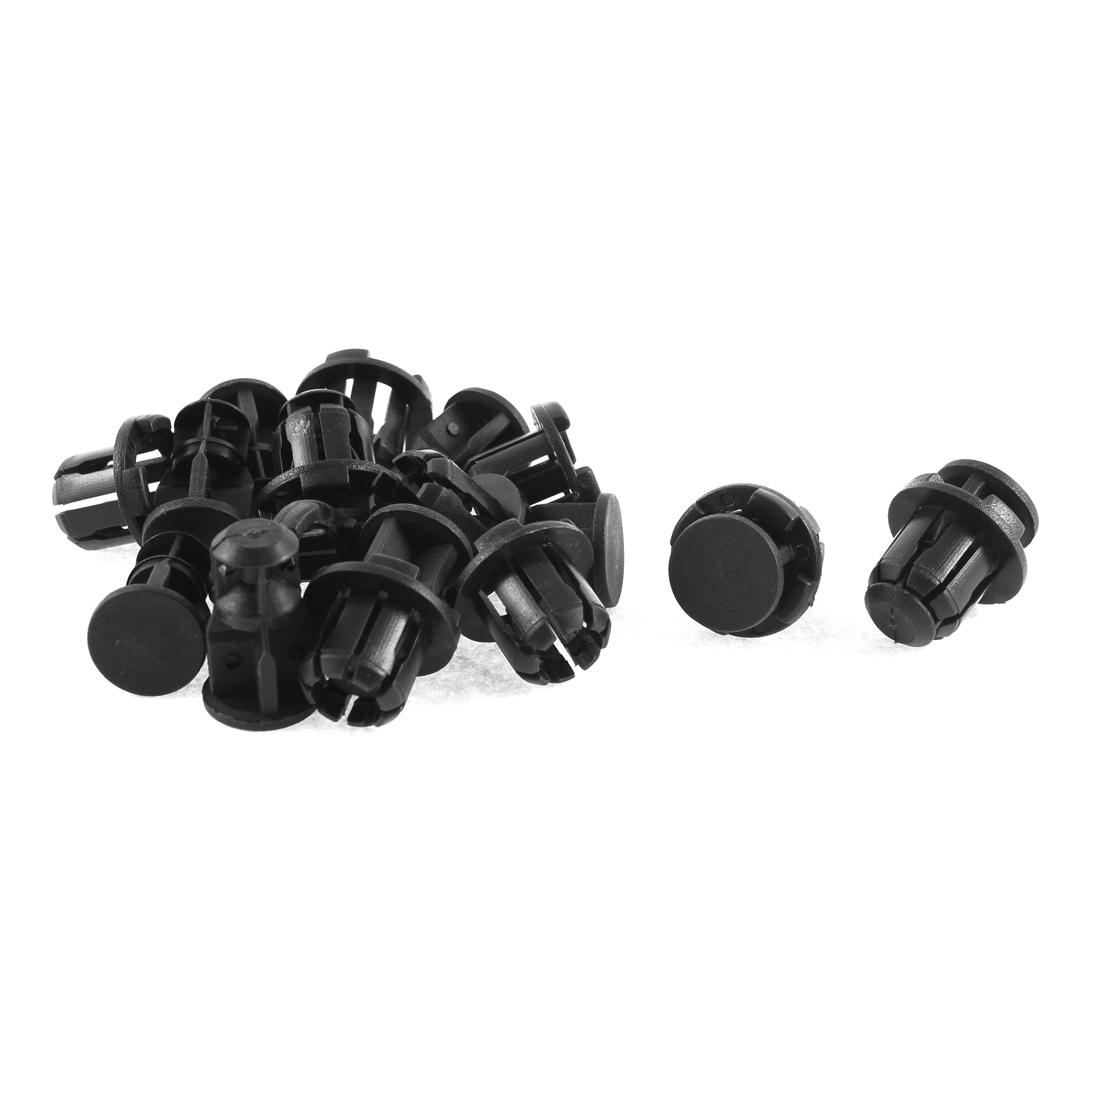 10 Pcs Black Plastic Splash Guard Push-Type Bumper Mat Clips for Ford